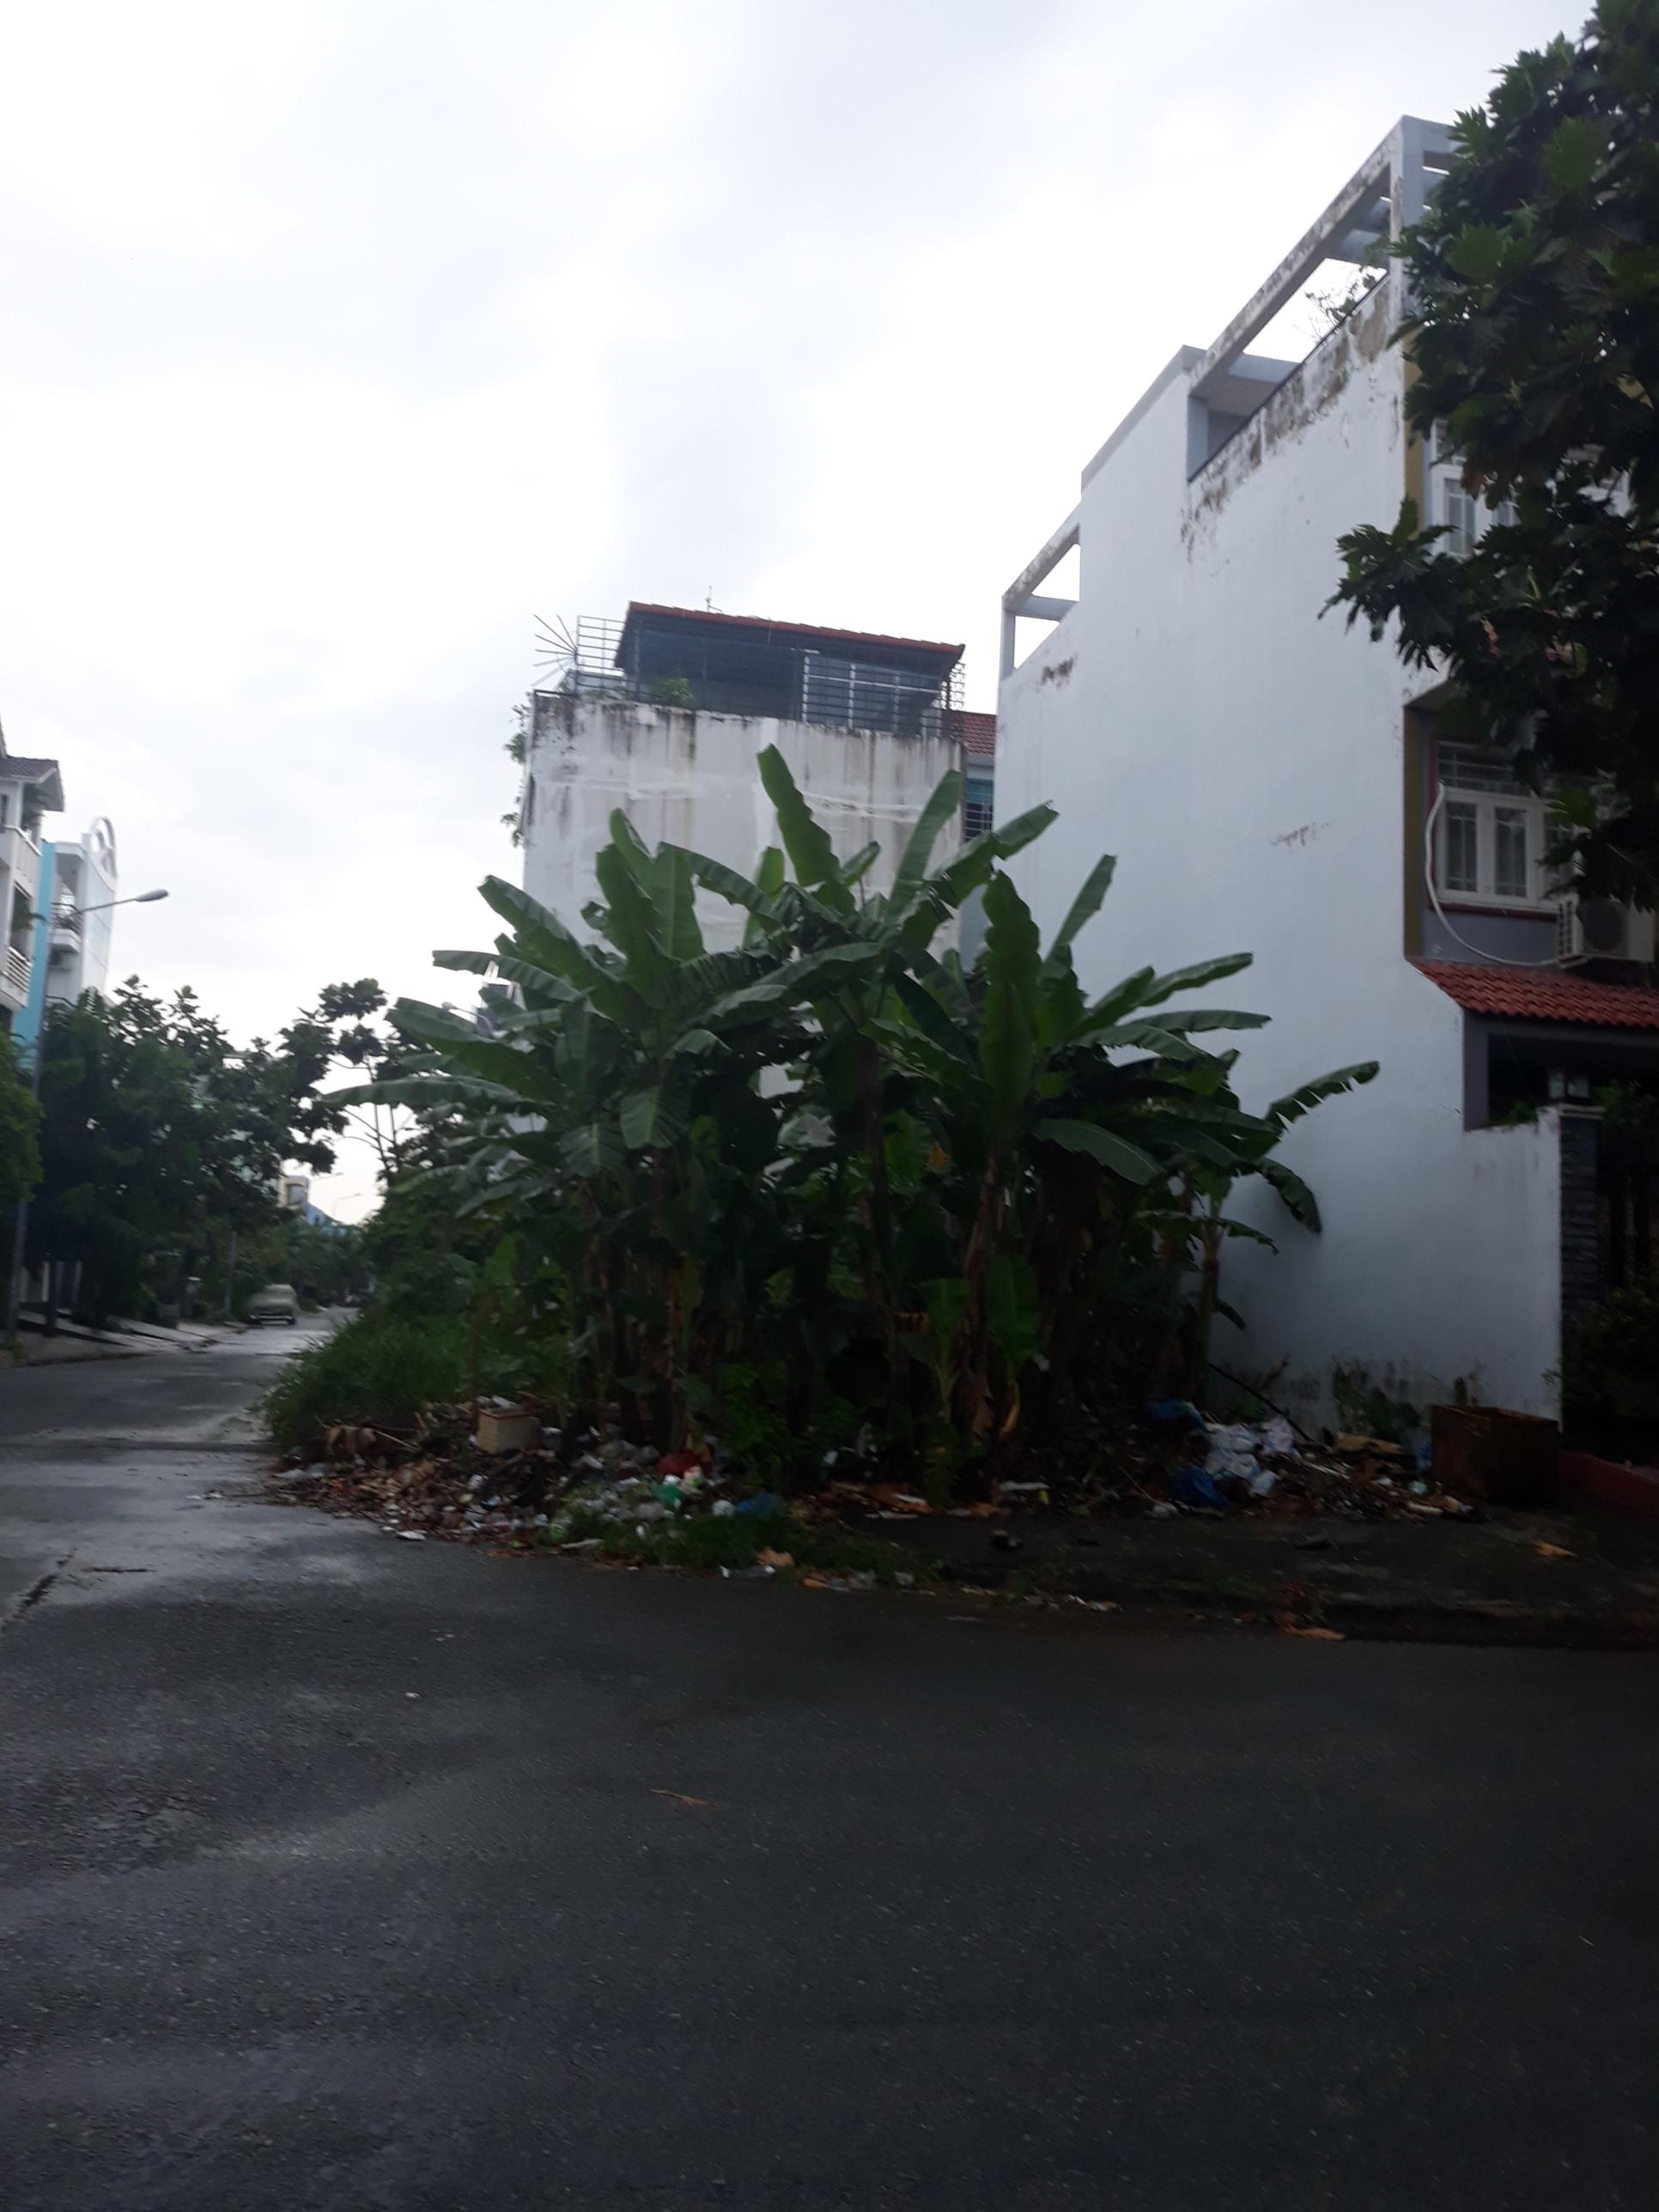 Cần bán lô đất đường Tân Liêm, Phong Phú, Bình Chánh – 95.5m2 – Giá 530tr – LH: 094 1867 042